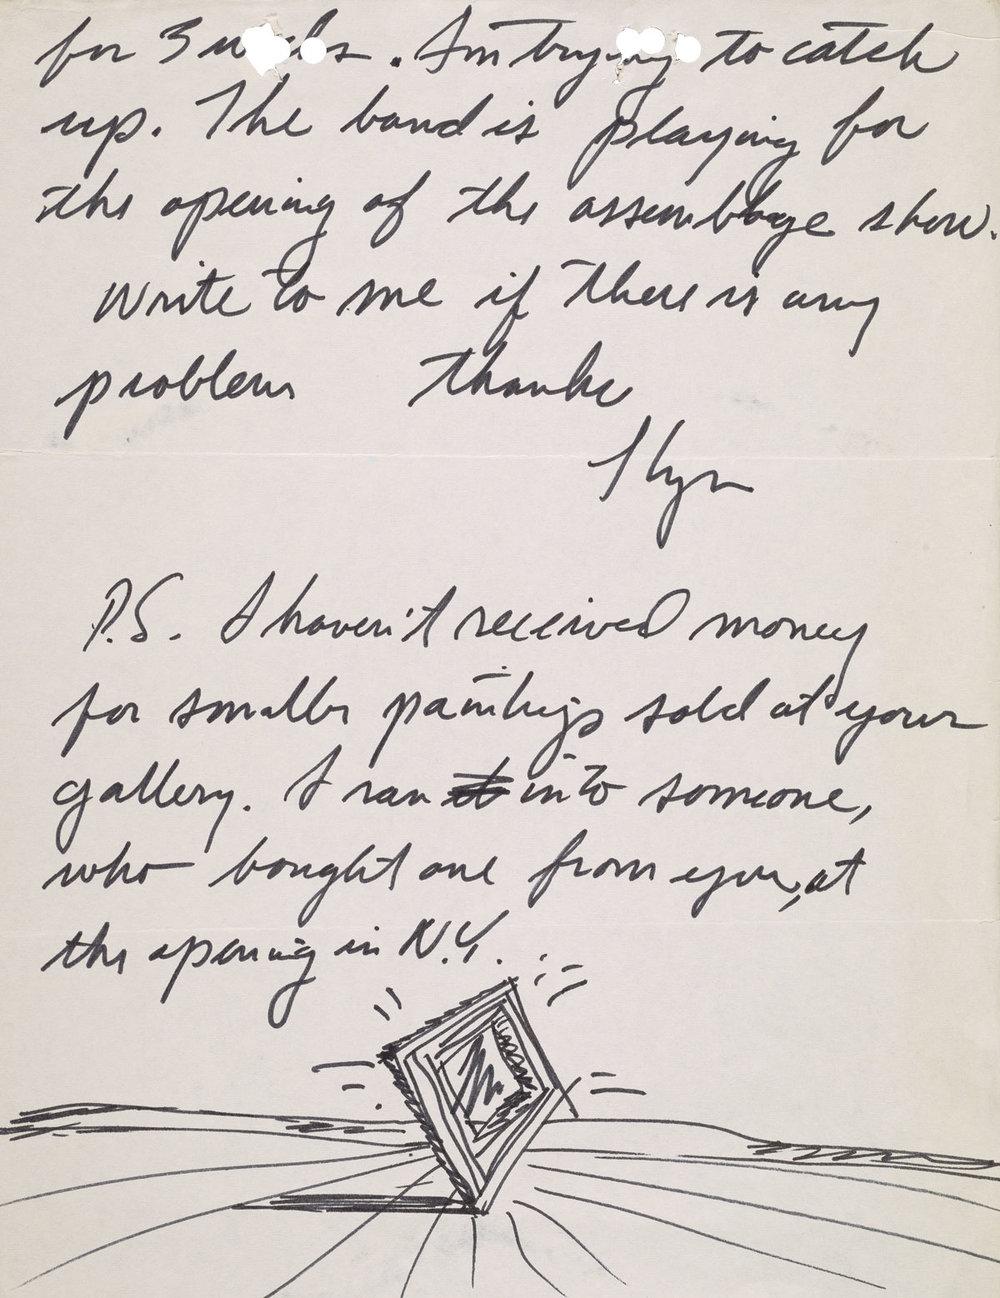 Llyn Foulkes (69),letter to Darthea Speyer, ca. 1975